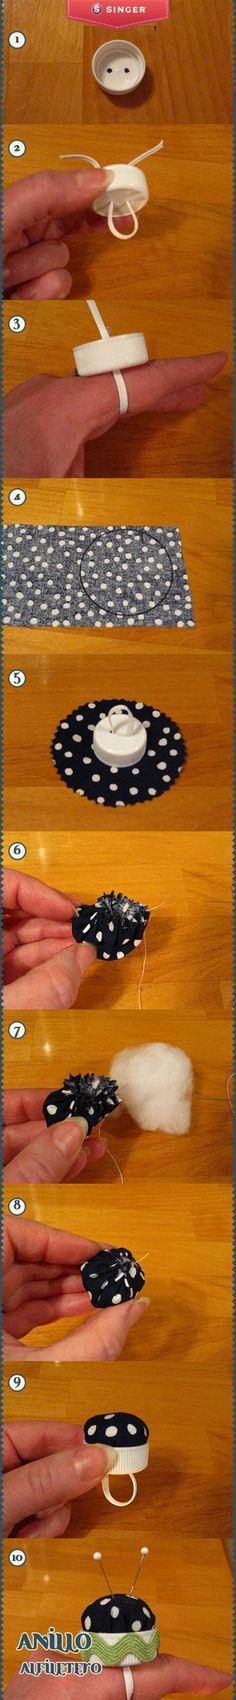 1000+ images about Bottle Caps on Pinterest   Plastic ...